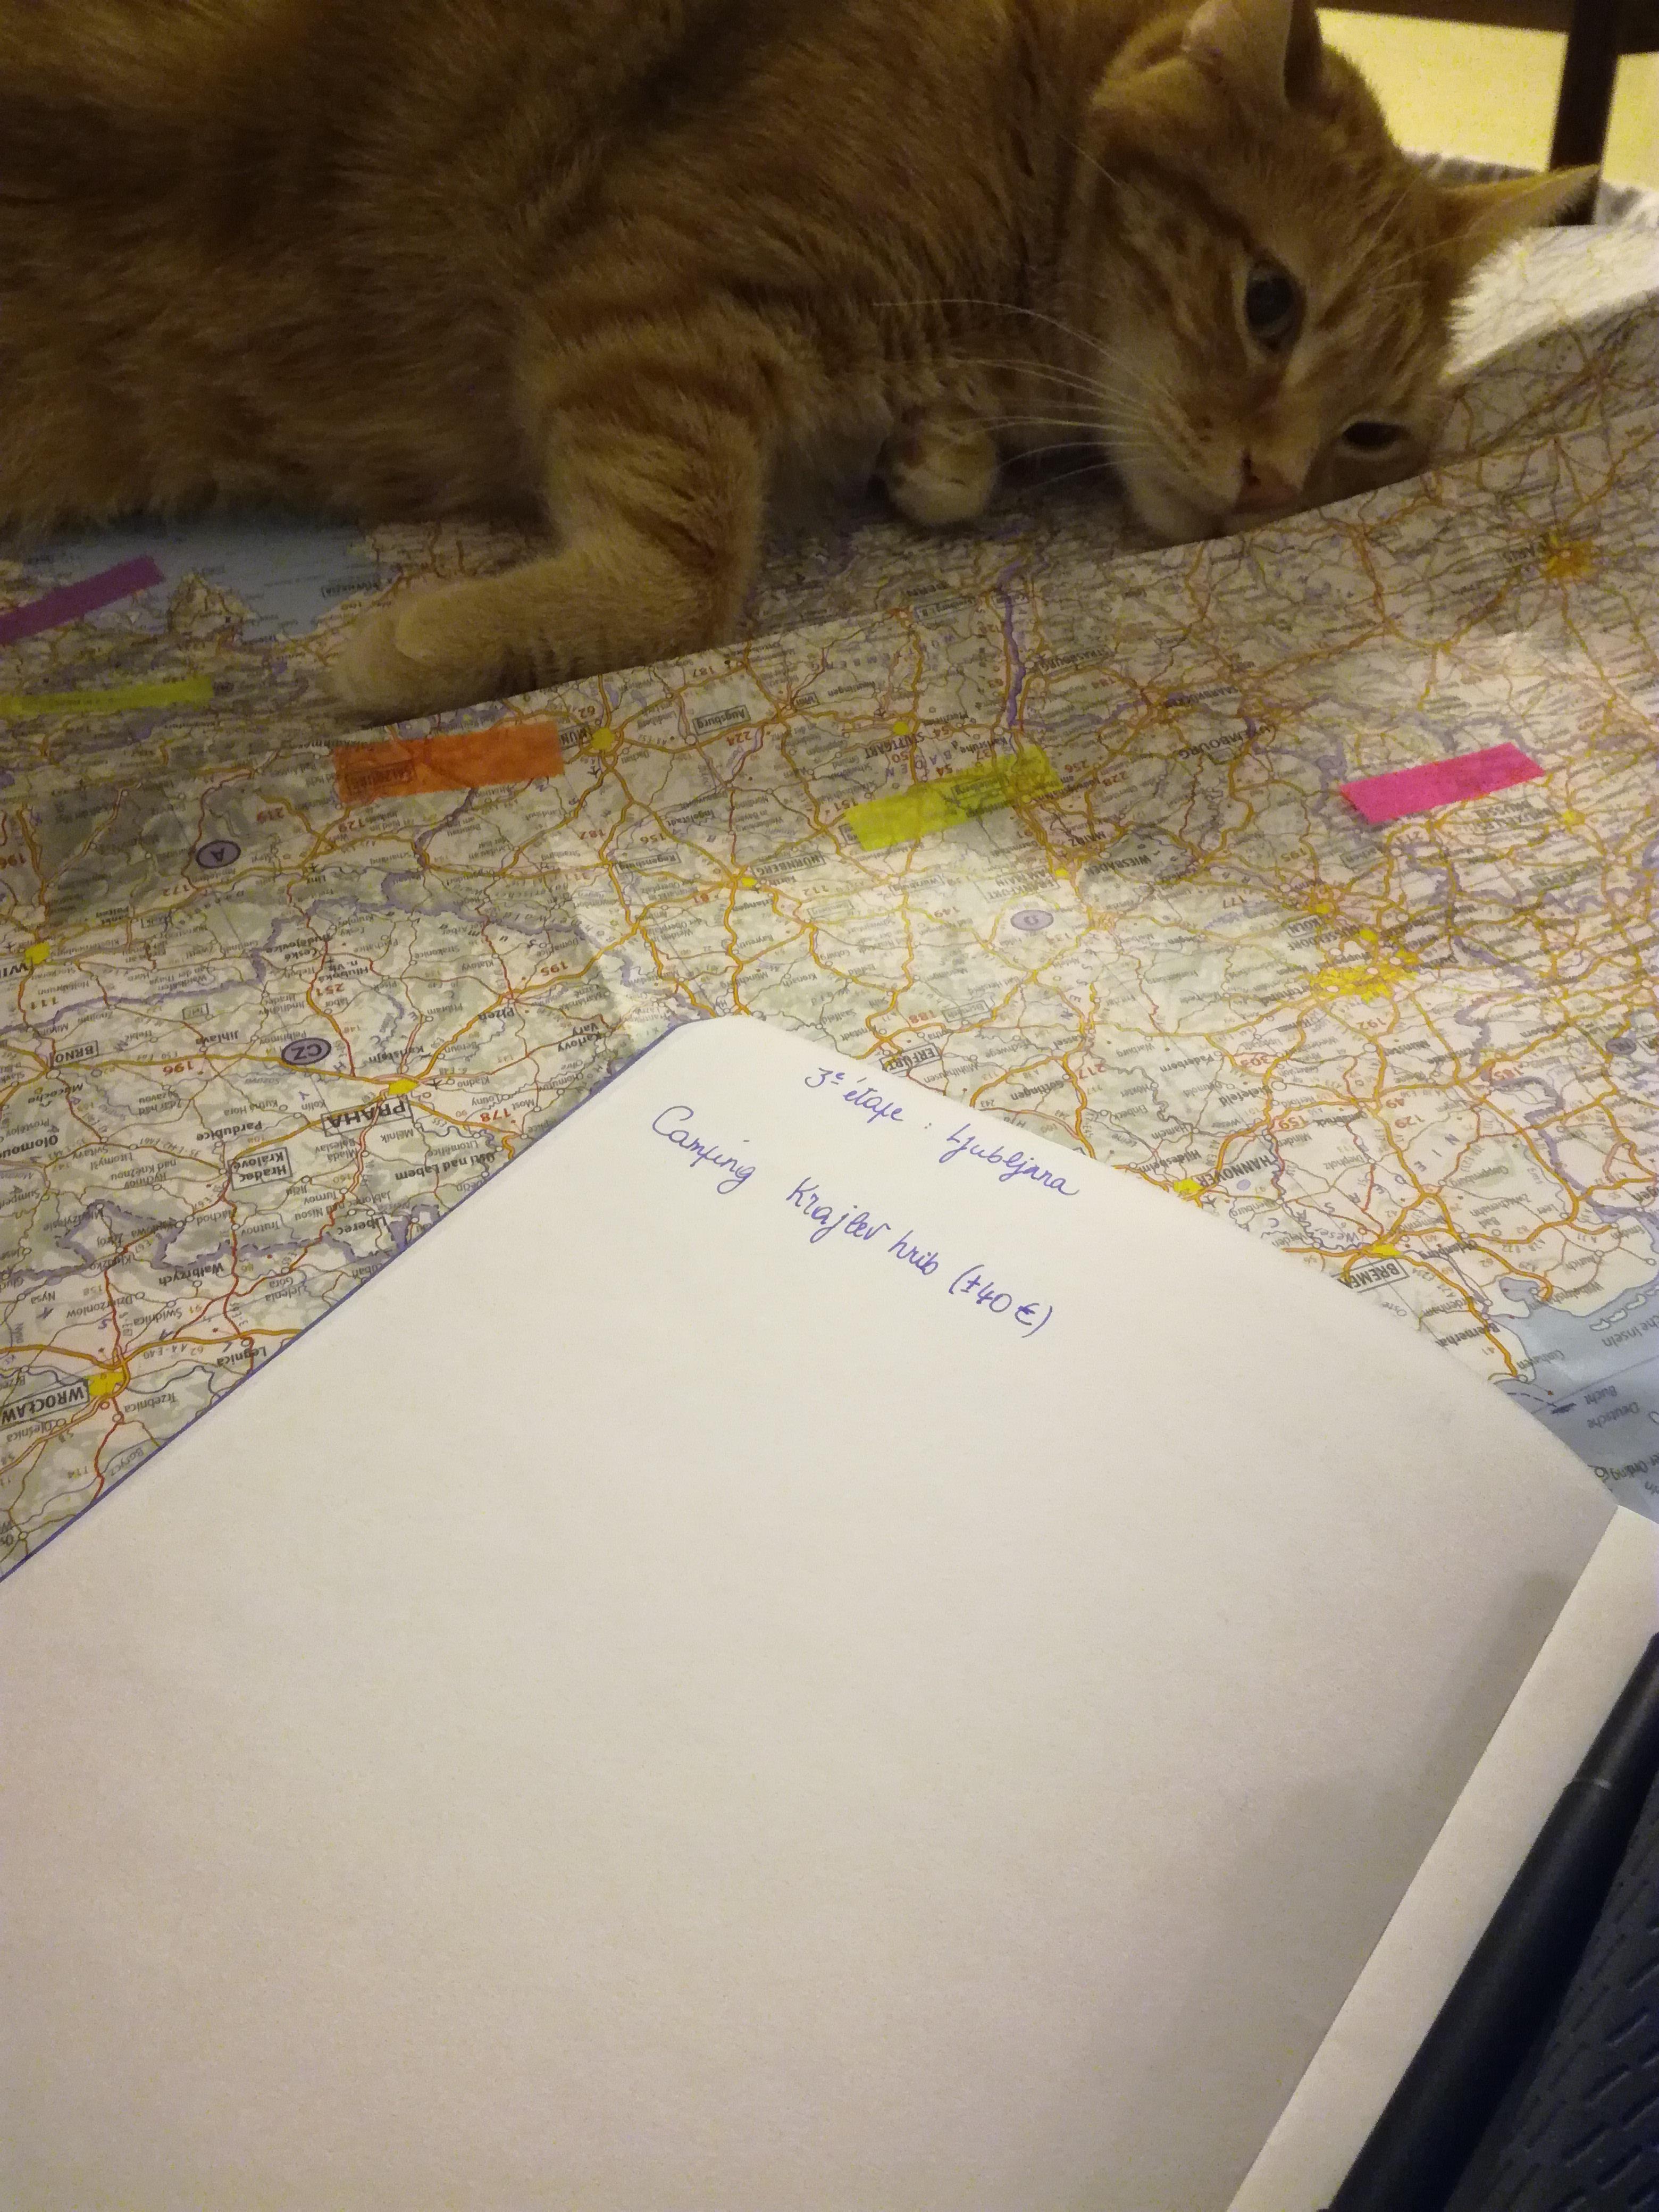 Le chat Roger et la carte de Croatie